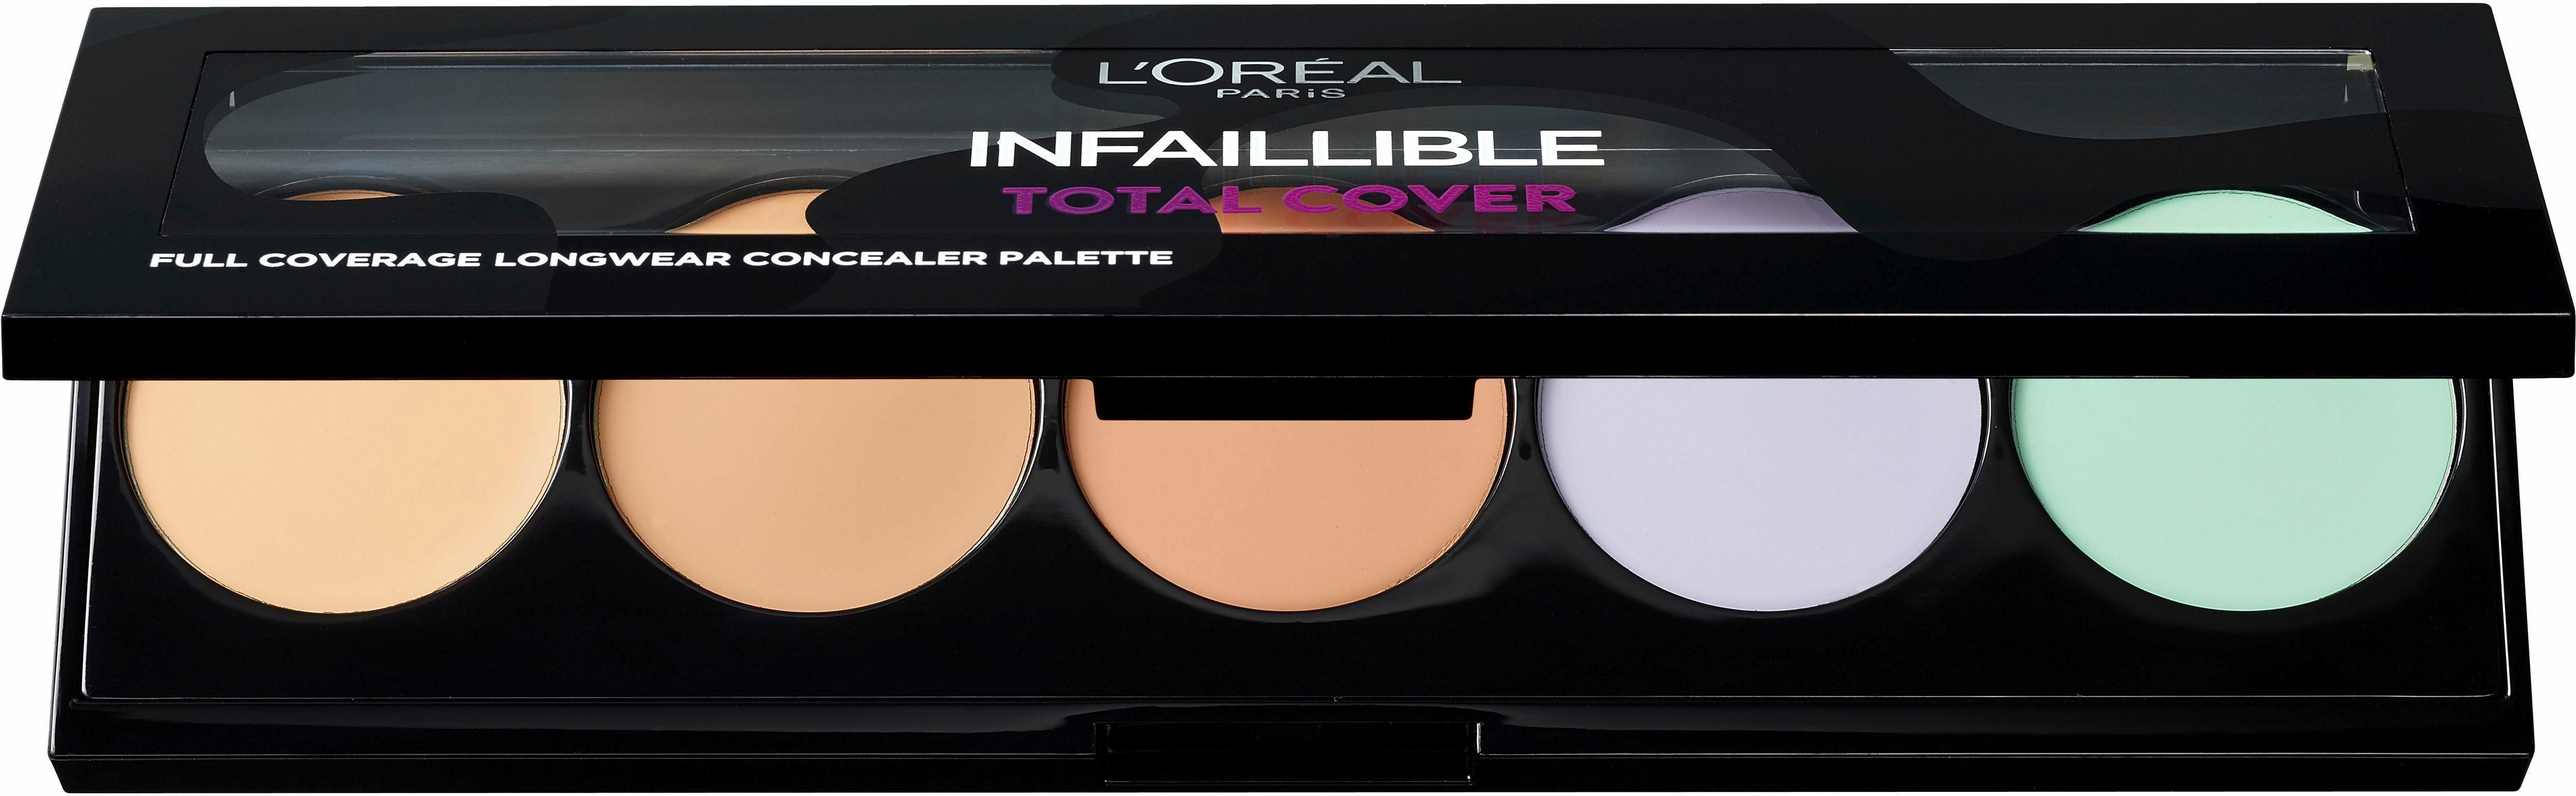 L'Oréal Paris, »Infaillible Total Cover Palette«, Concealer